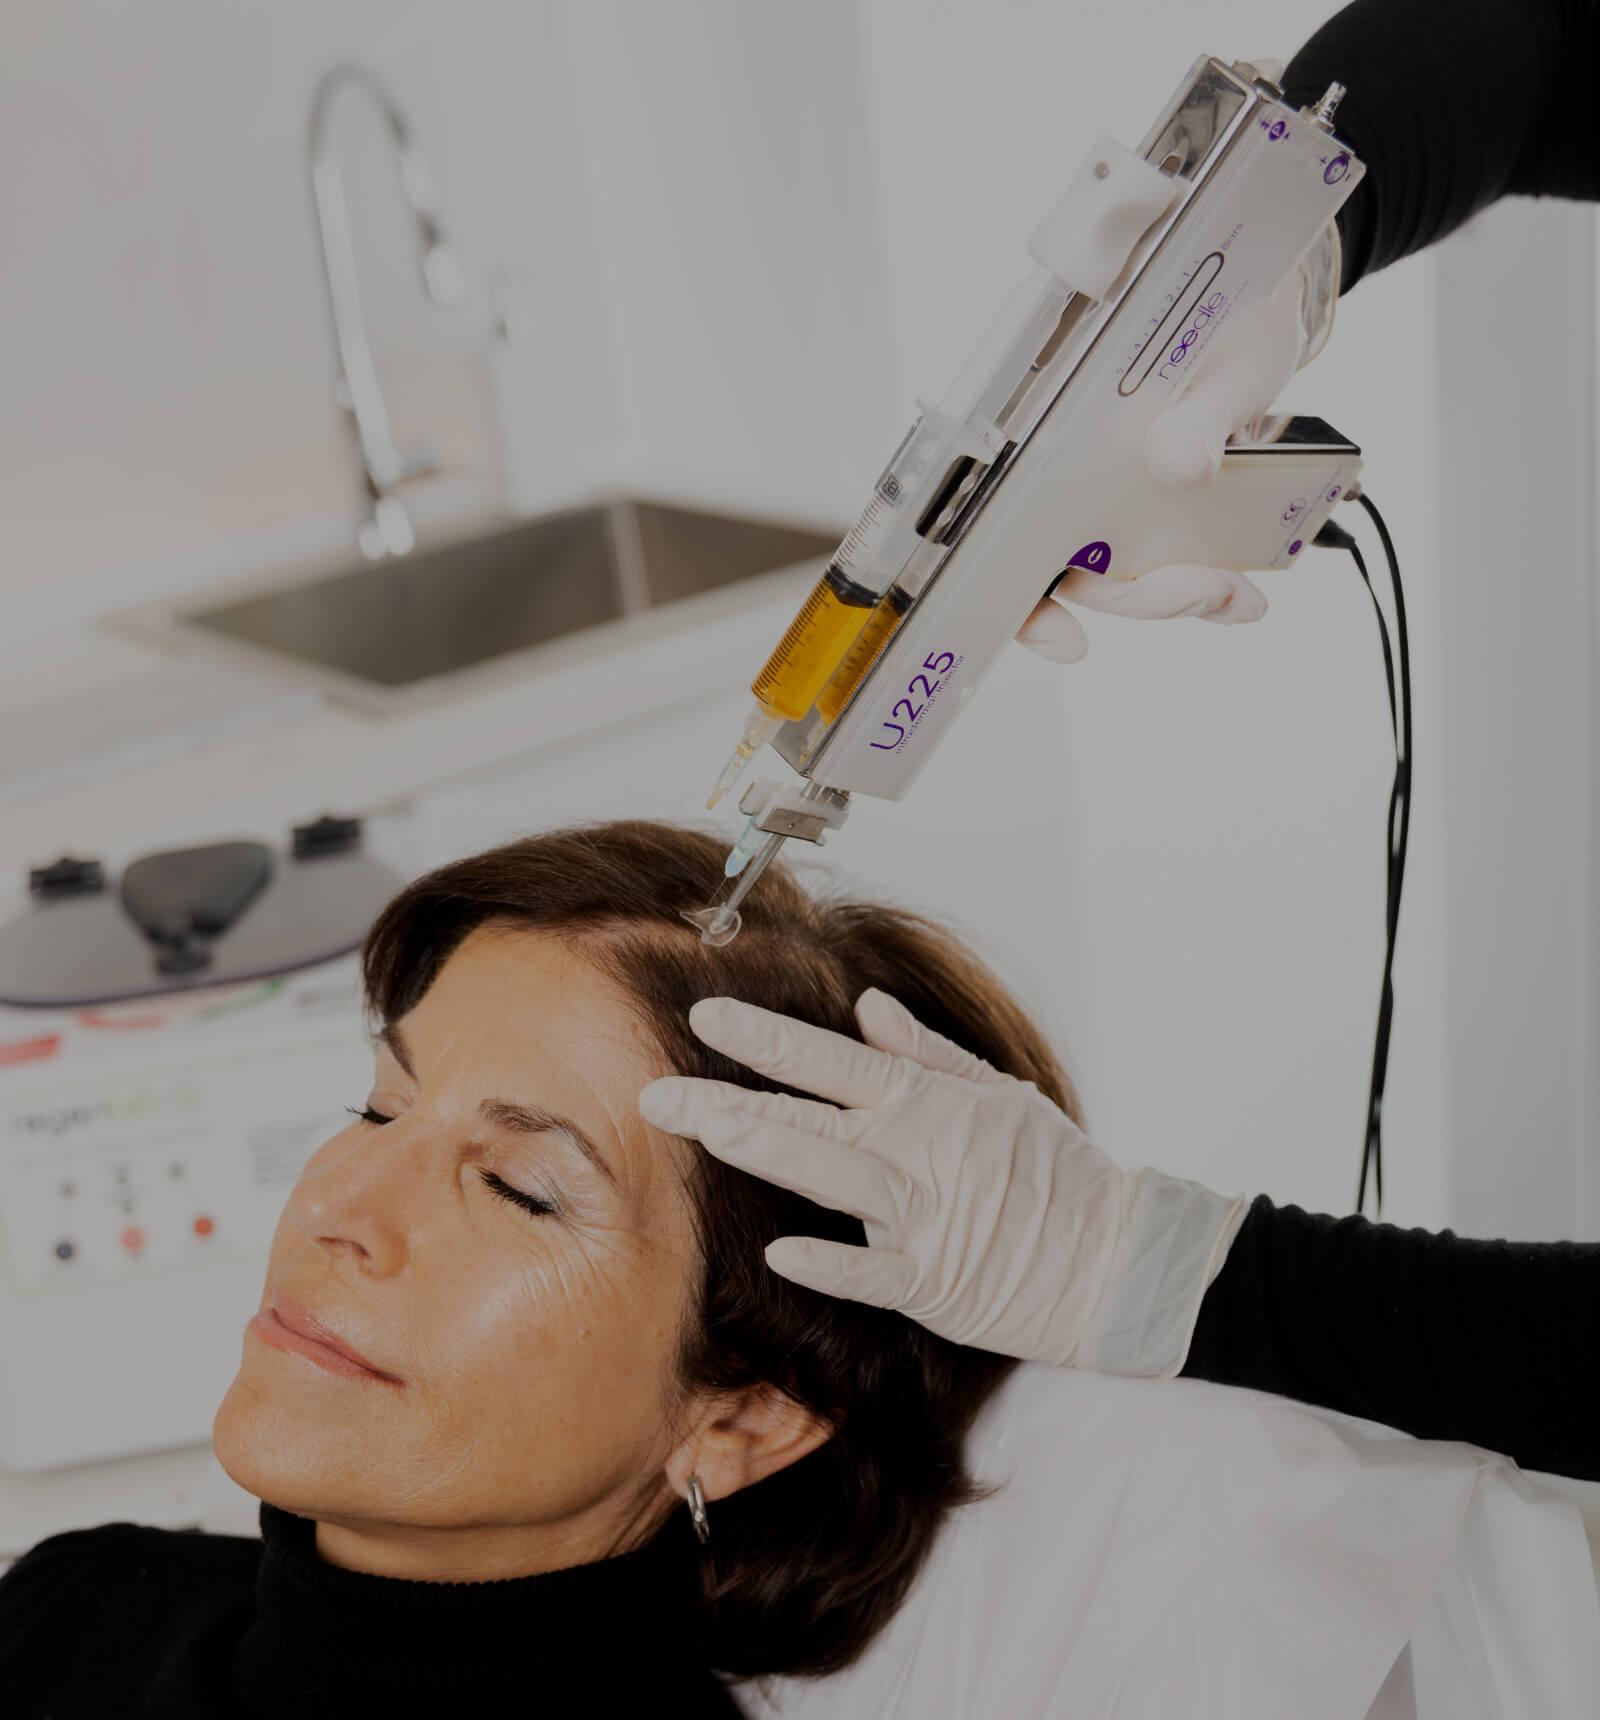 Une infirmière de la Clinique Chloé pratiquant un traitement de plasma riche en plaquettes sur le cuir chevelu d'une patiente